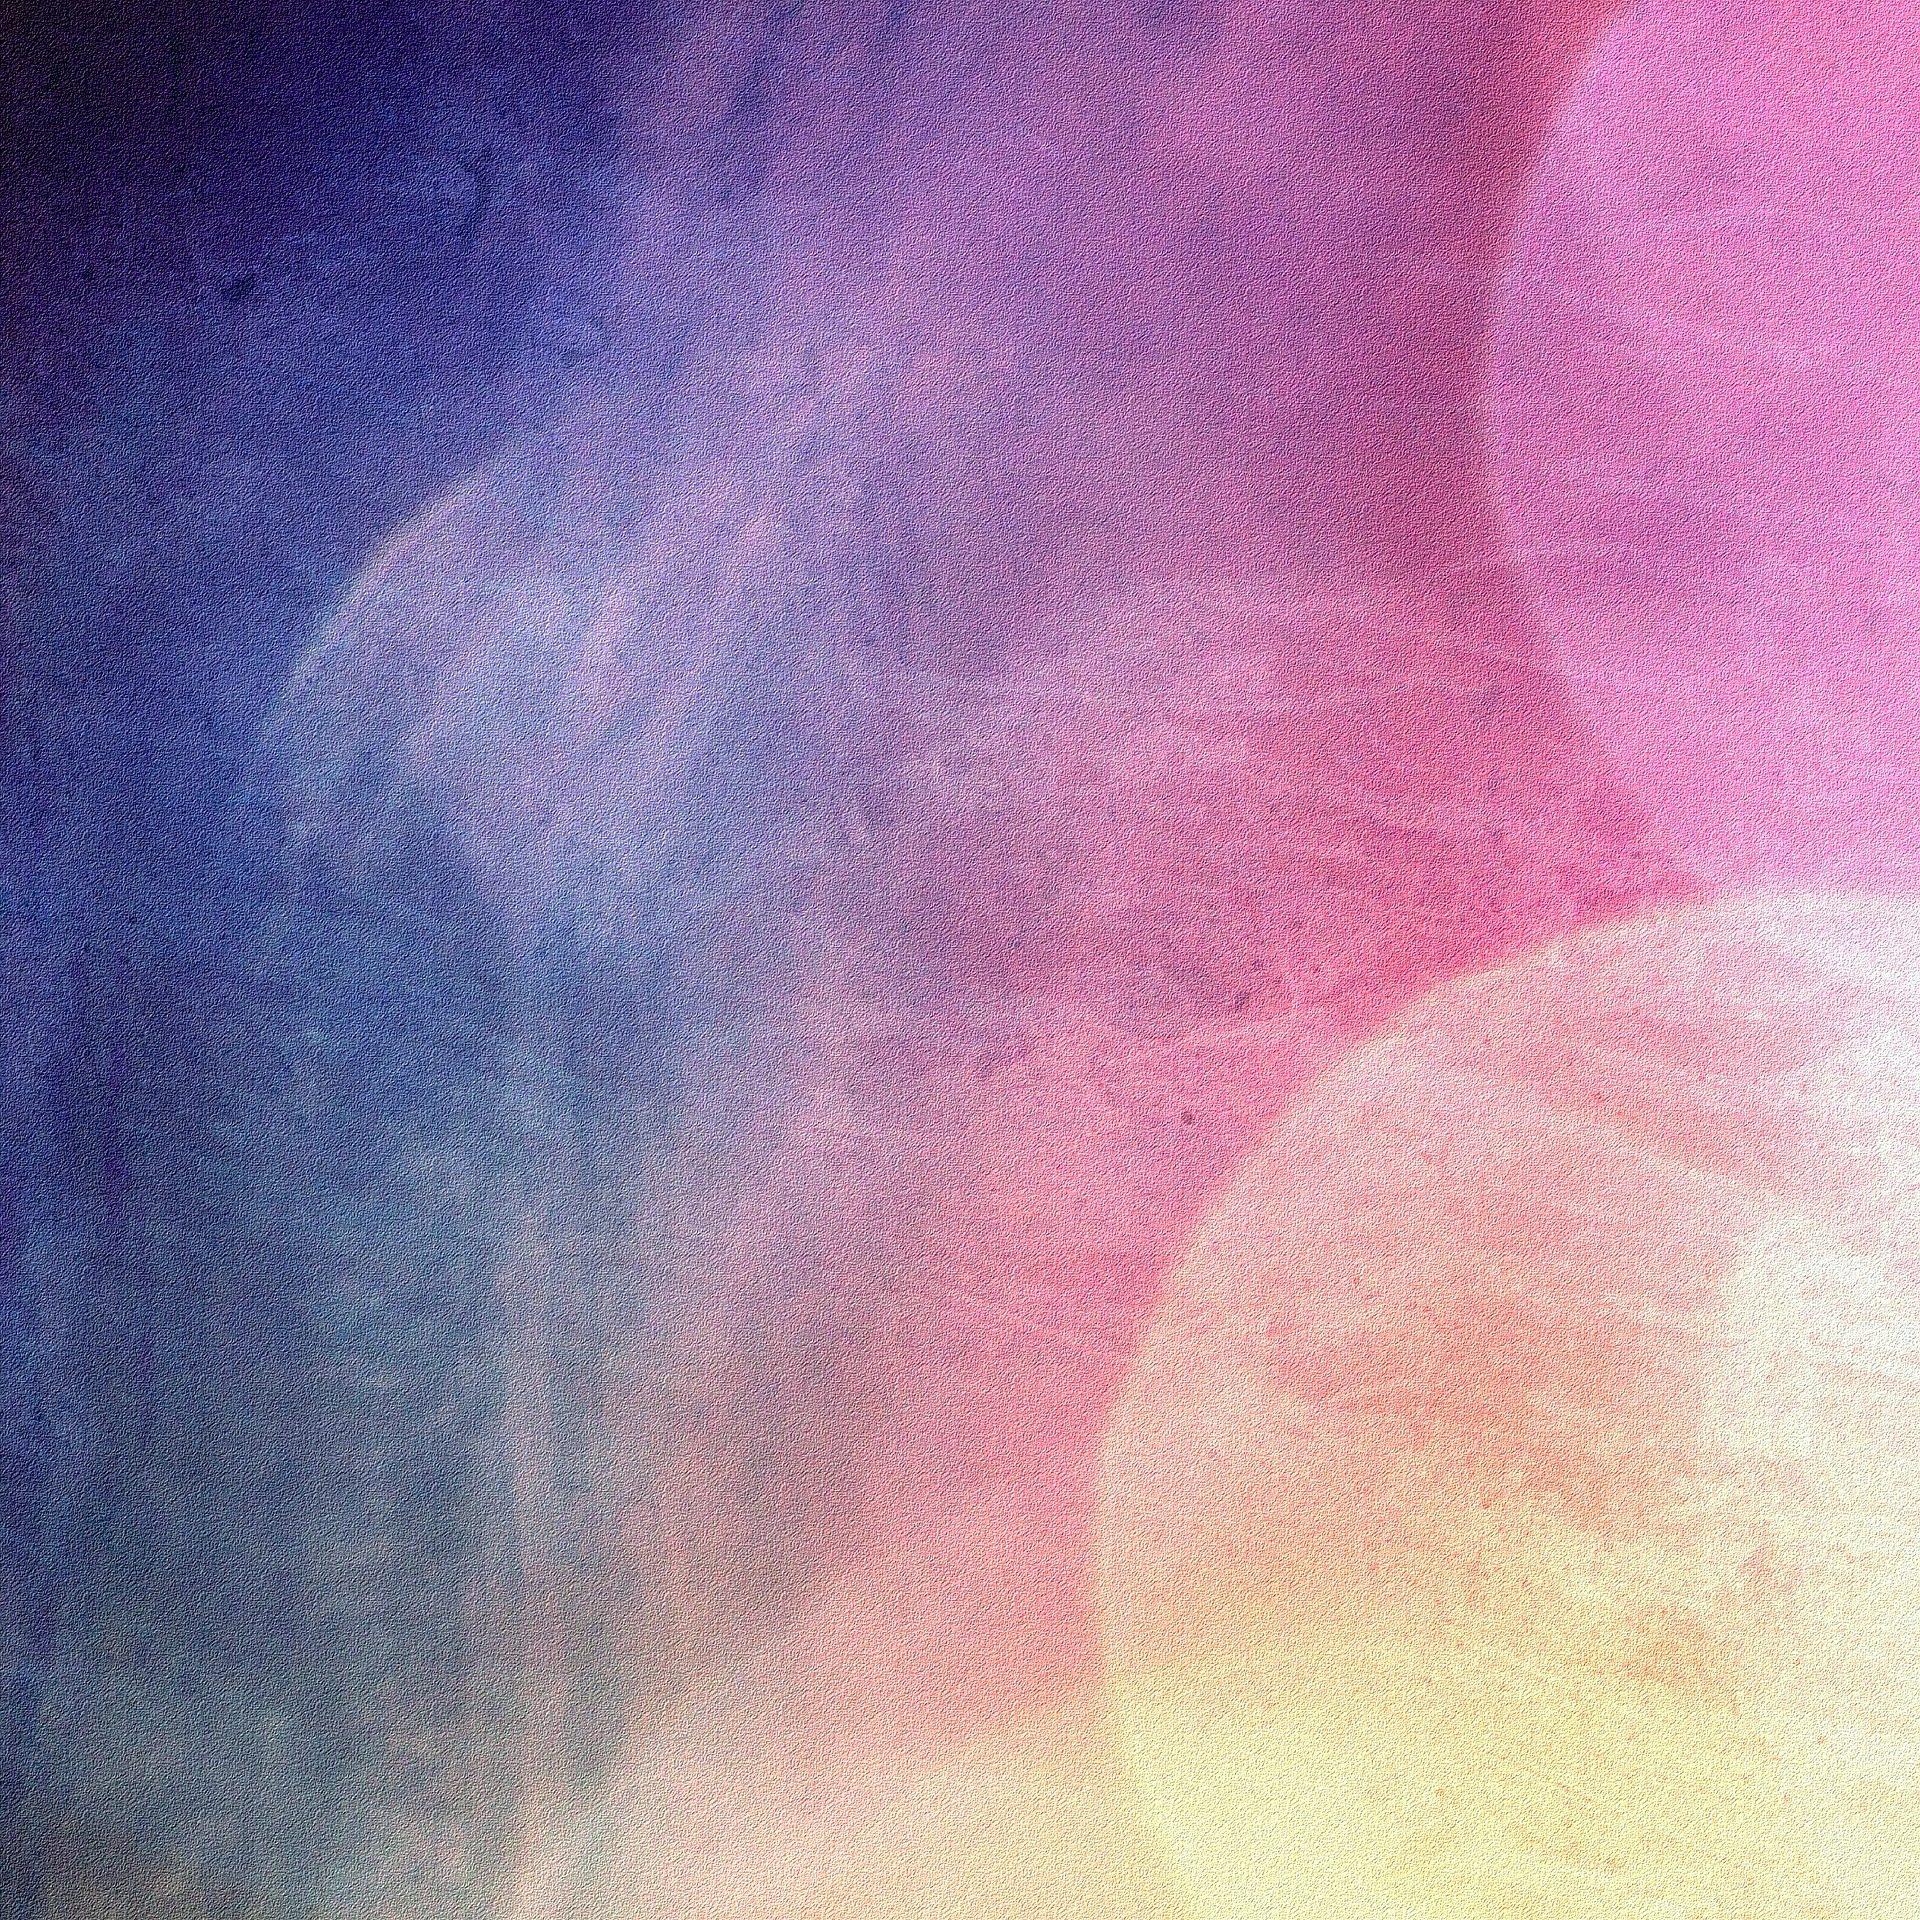 lumières, couleurs, halos, bouffées de chaleur, coloré - Fonds d'écran HD - Professor-falken.com